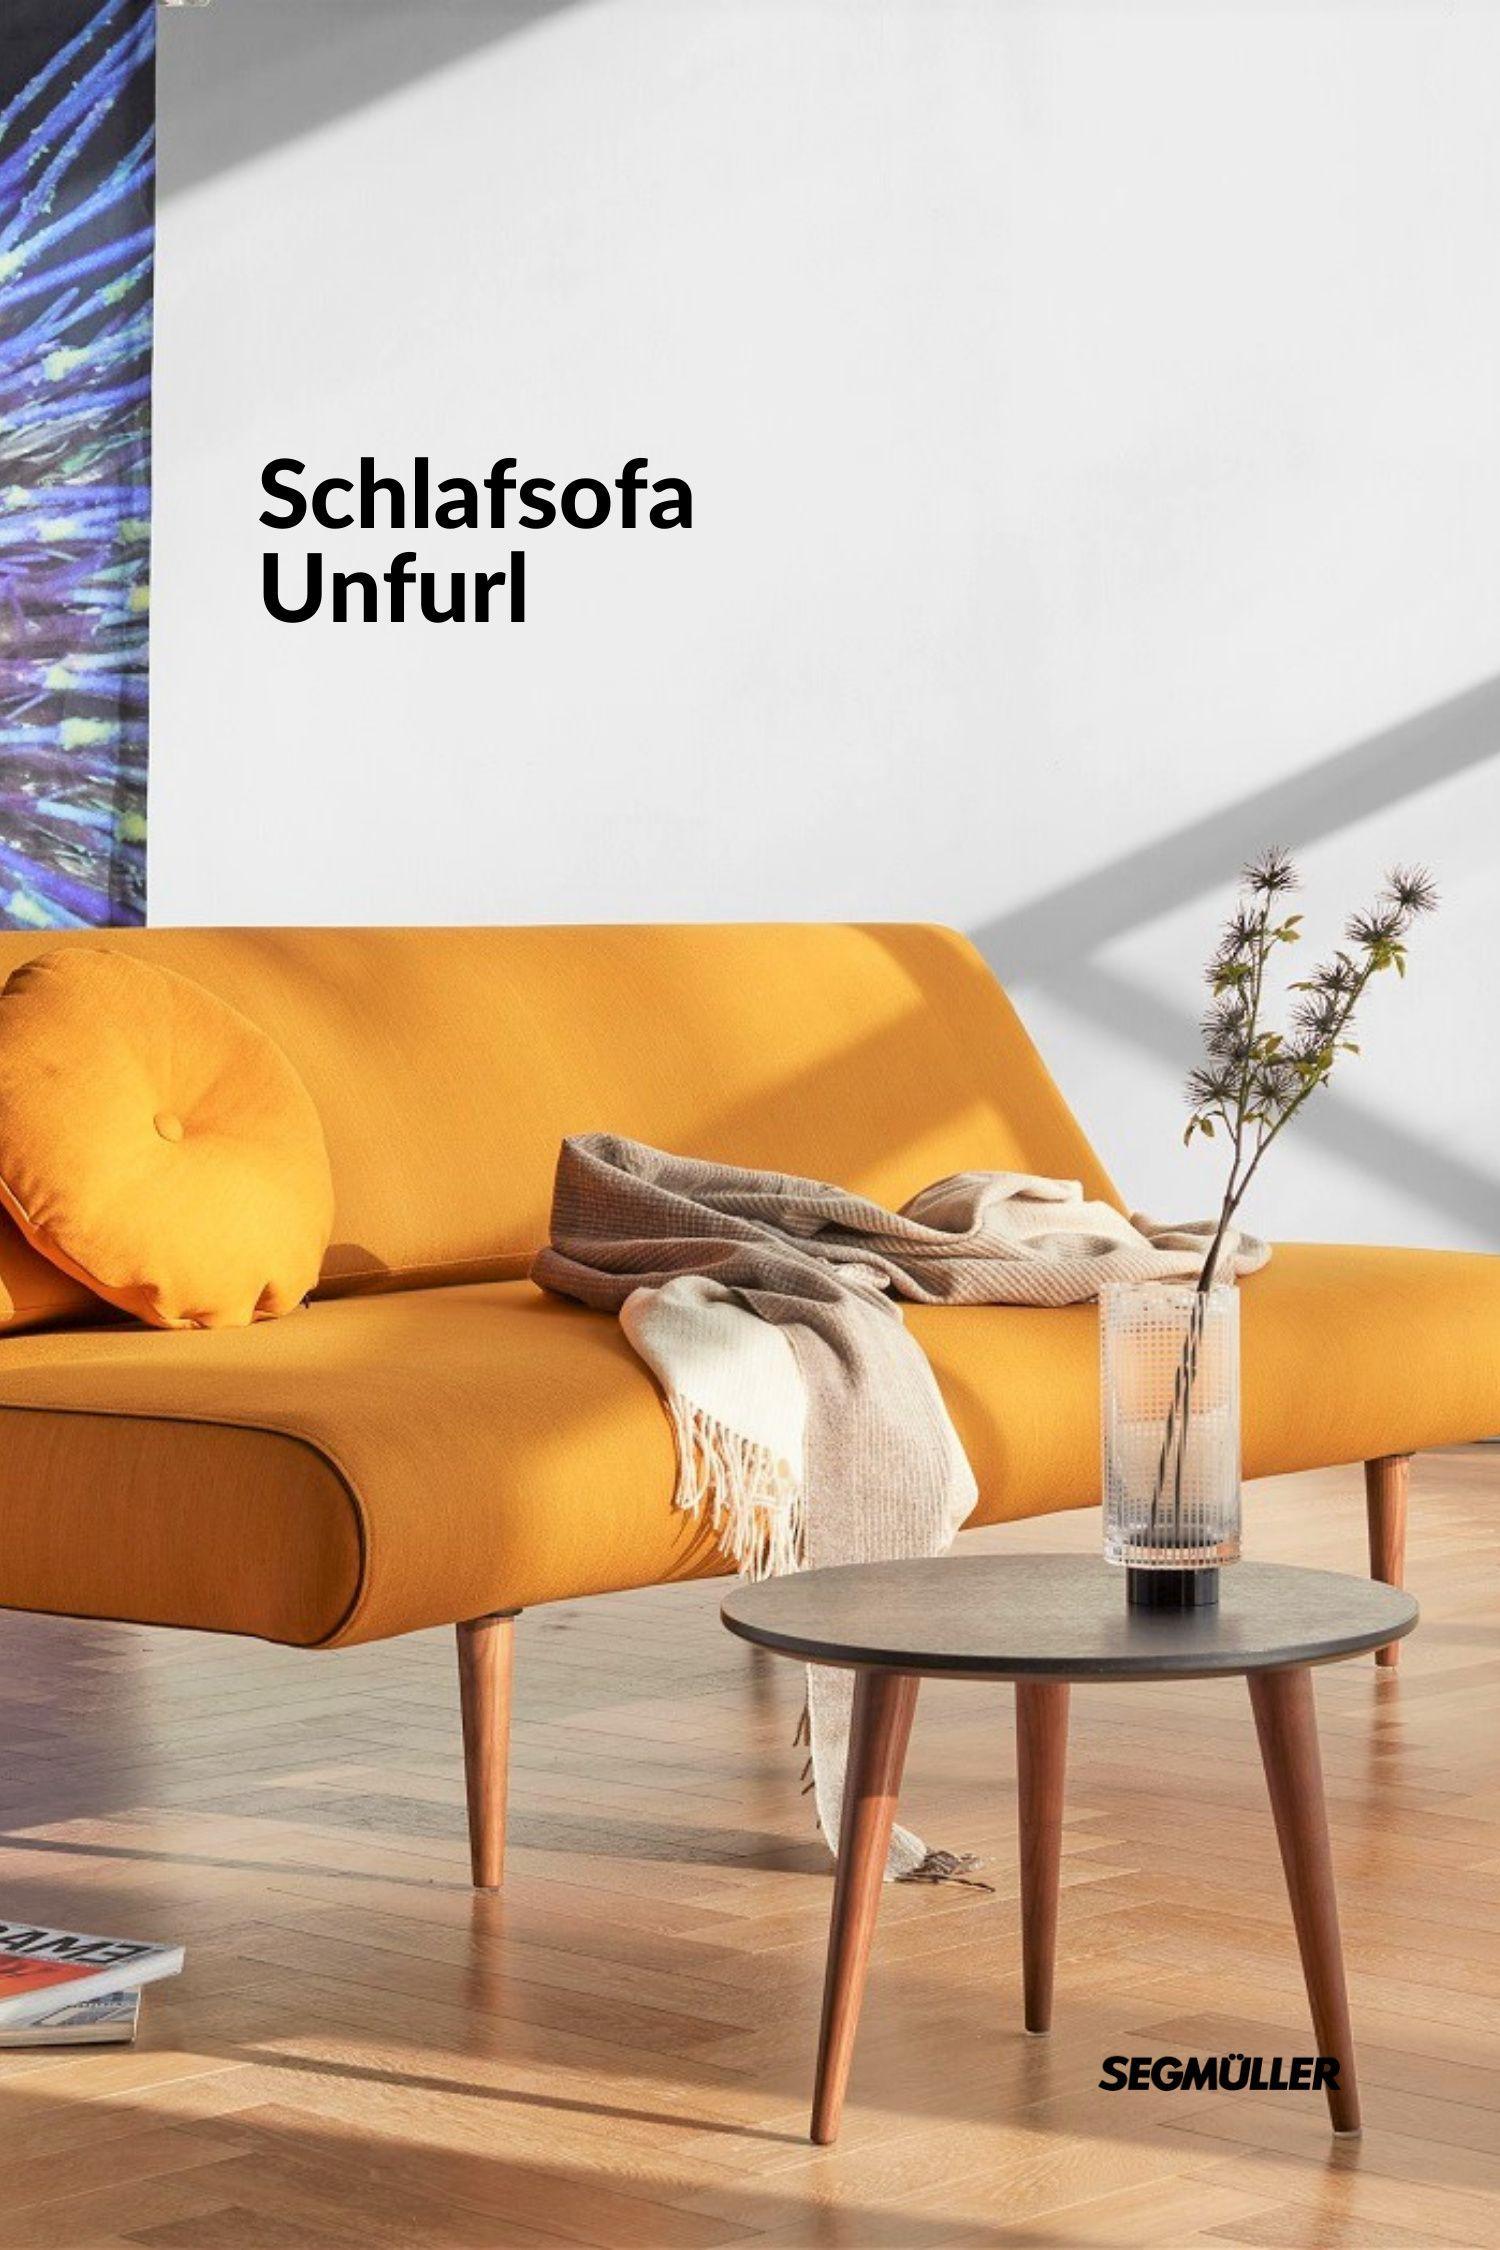 Schlafsofa Unfurl - Gelb wohnen